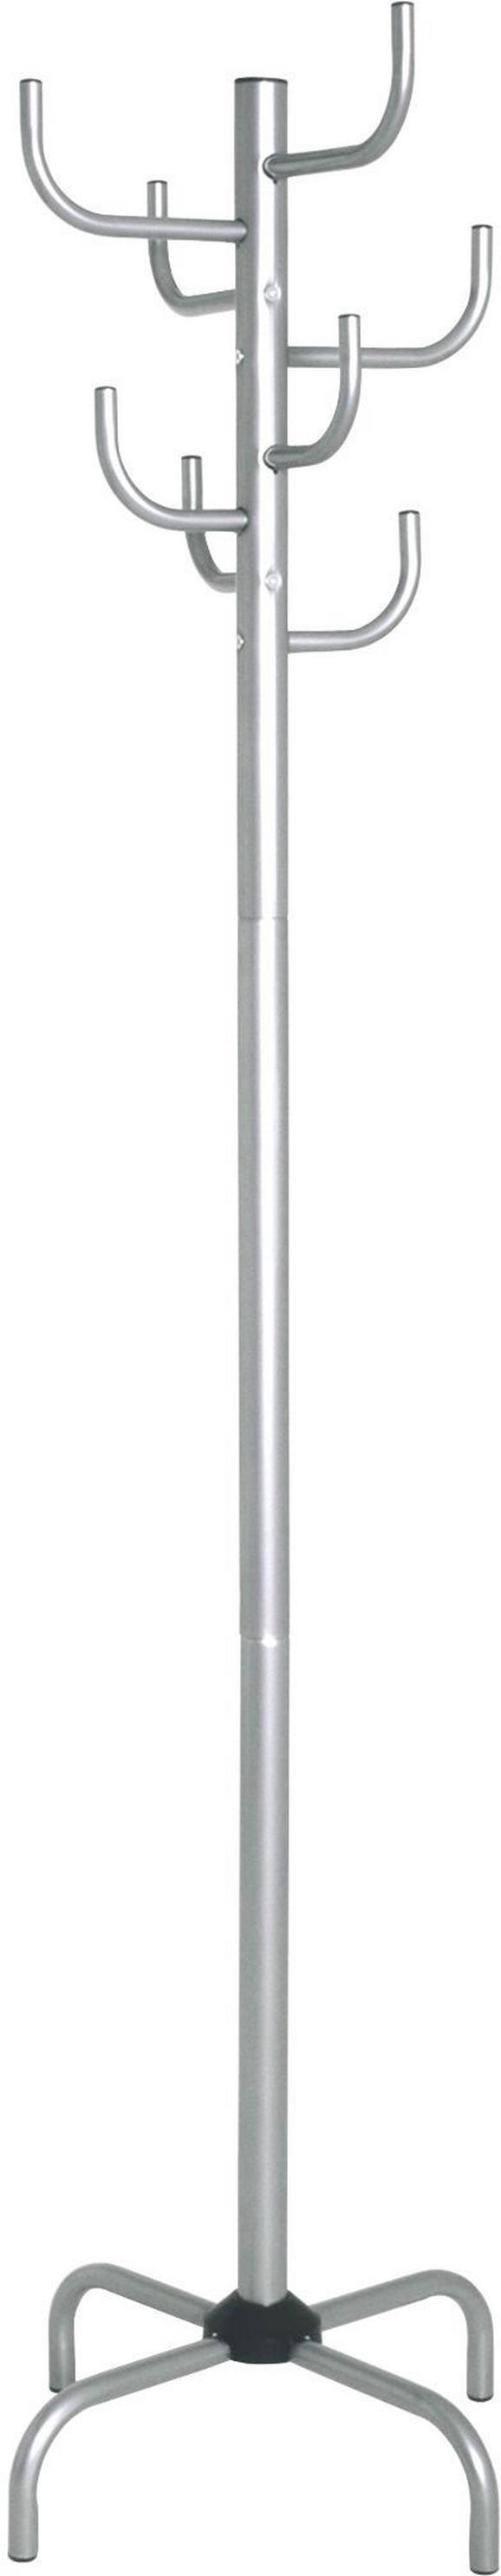 Ruhaakasztó Fogas Cactus - alu színű, modern, fém (47/180/47cm)